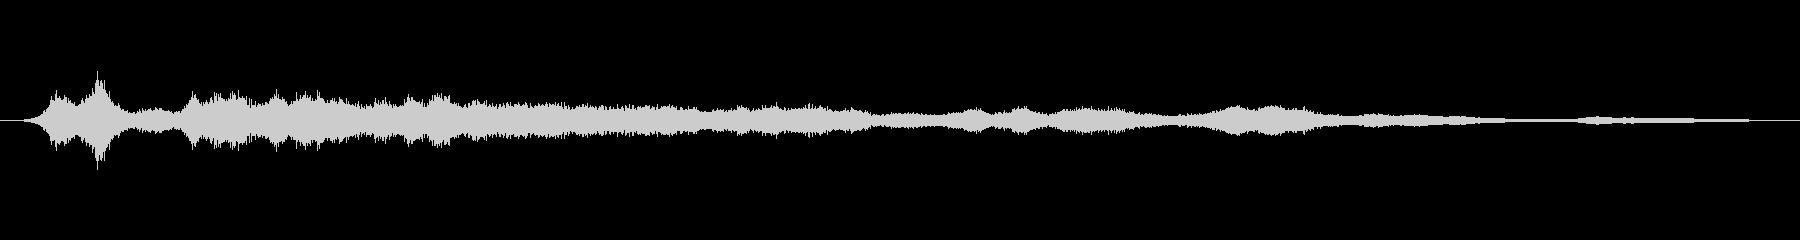 メタル 鳴くブライトロング02の未再生の波形